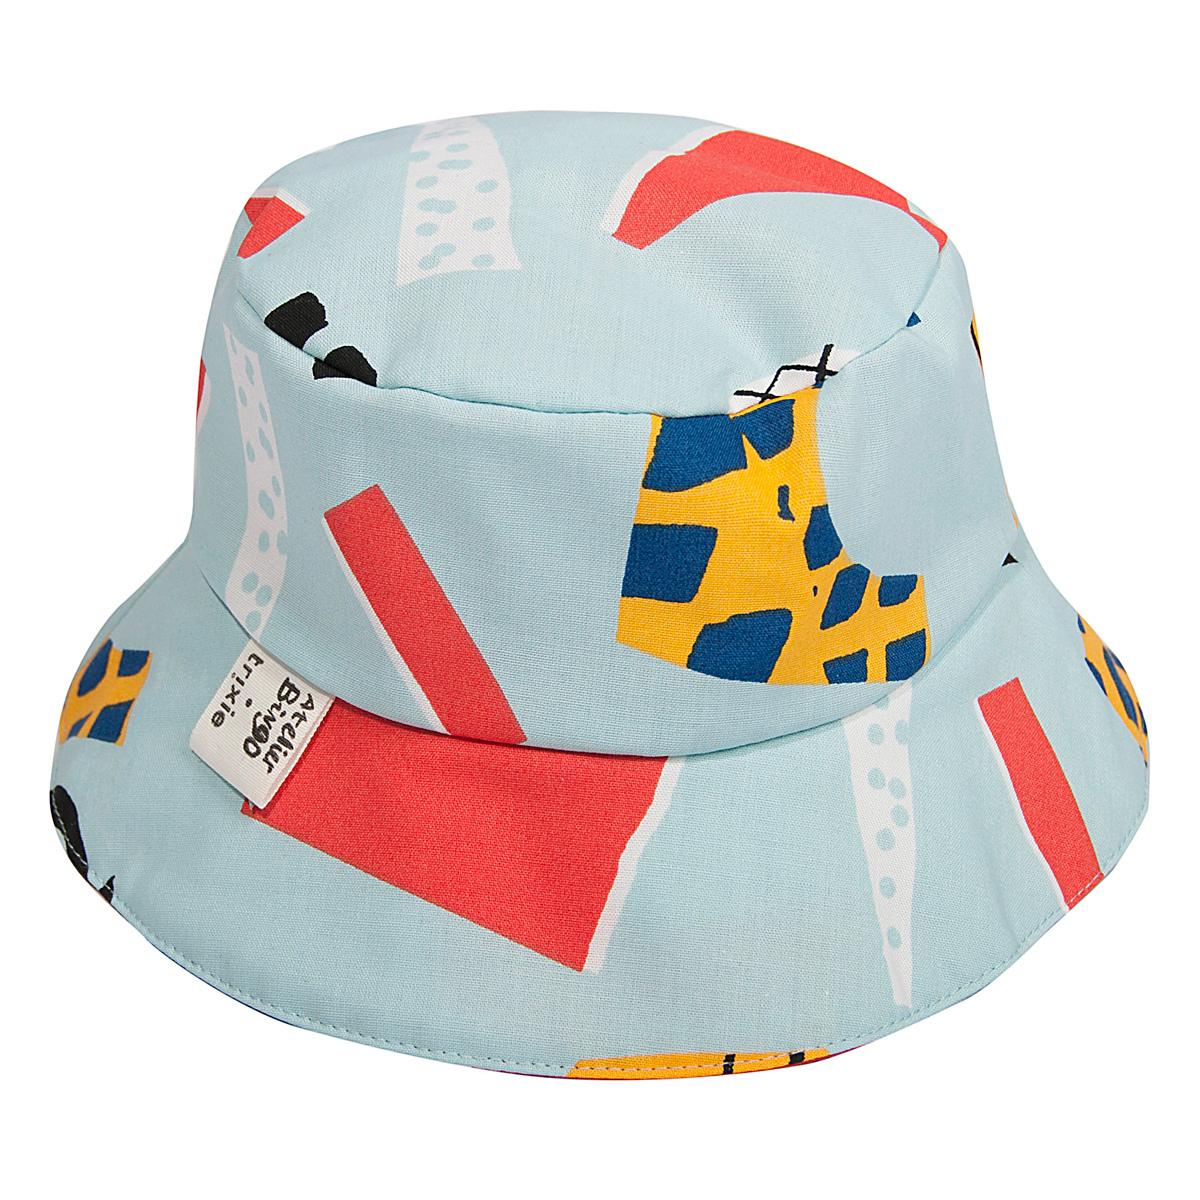 Accessoires Bébé Chapeau de Soleil Bingo - 3 Mois Chapeau de Soleil Bingo - 3 Mois